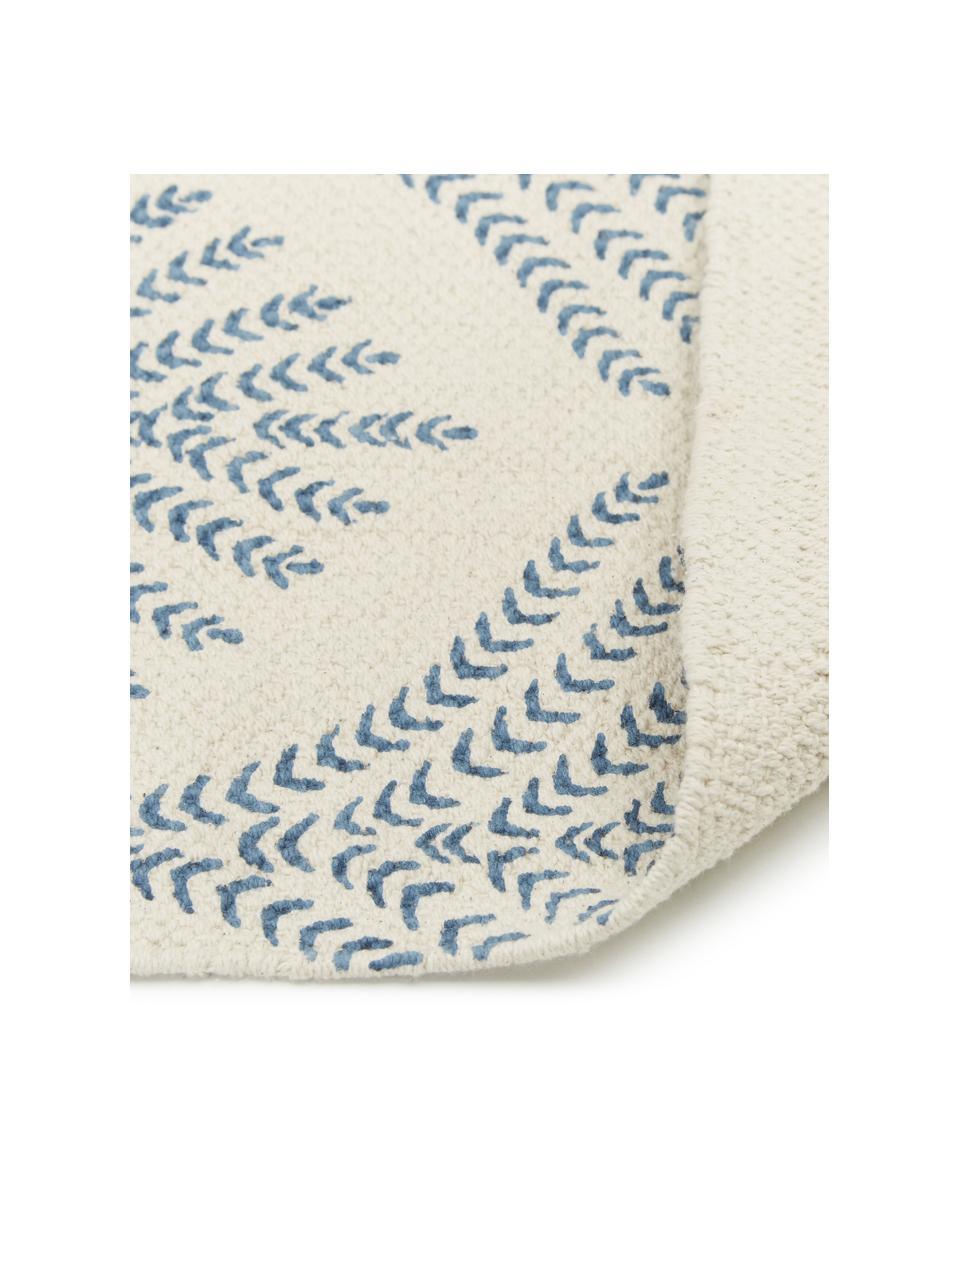 Flachgewebter Baumwollteppich Klara in Beige/Blau mit Fransenabschluss, Beige, Blau, B 70 x L 140 cm (Größe XS)